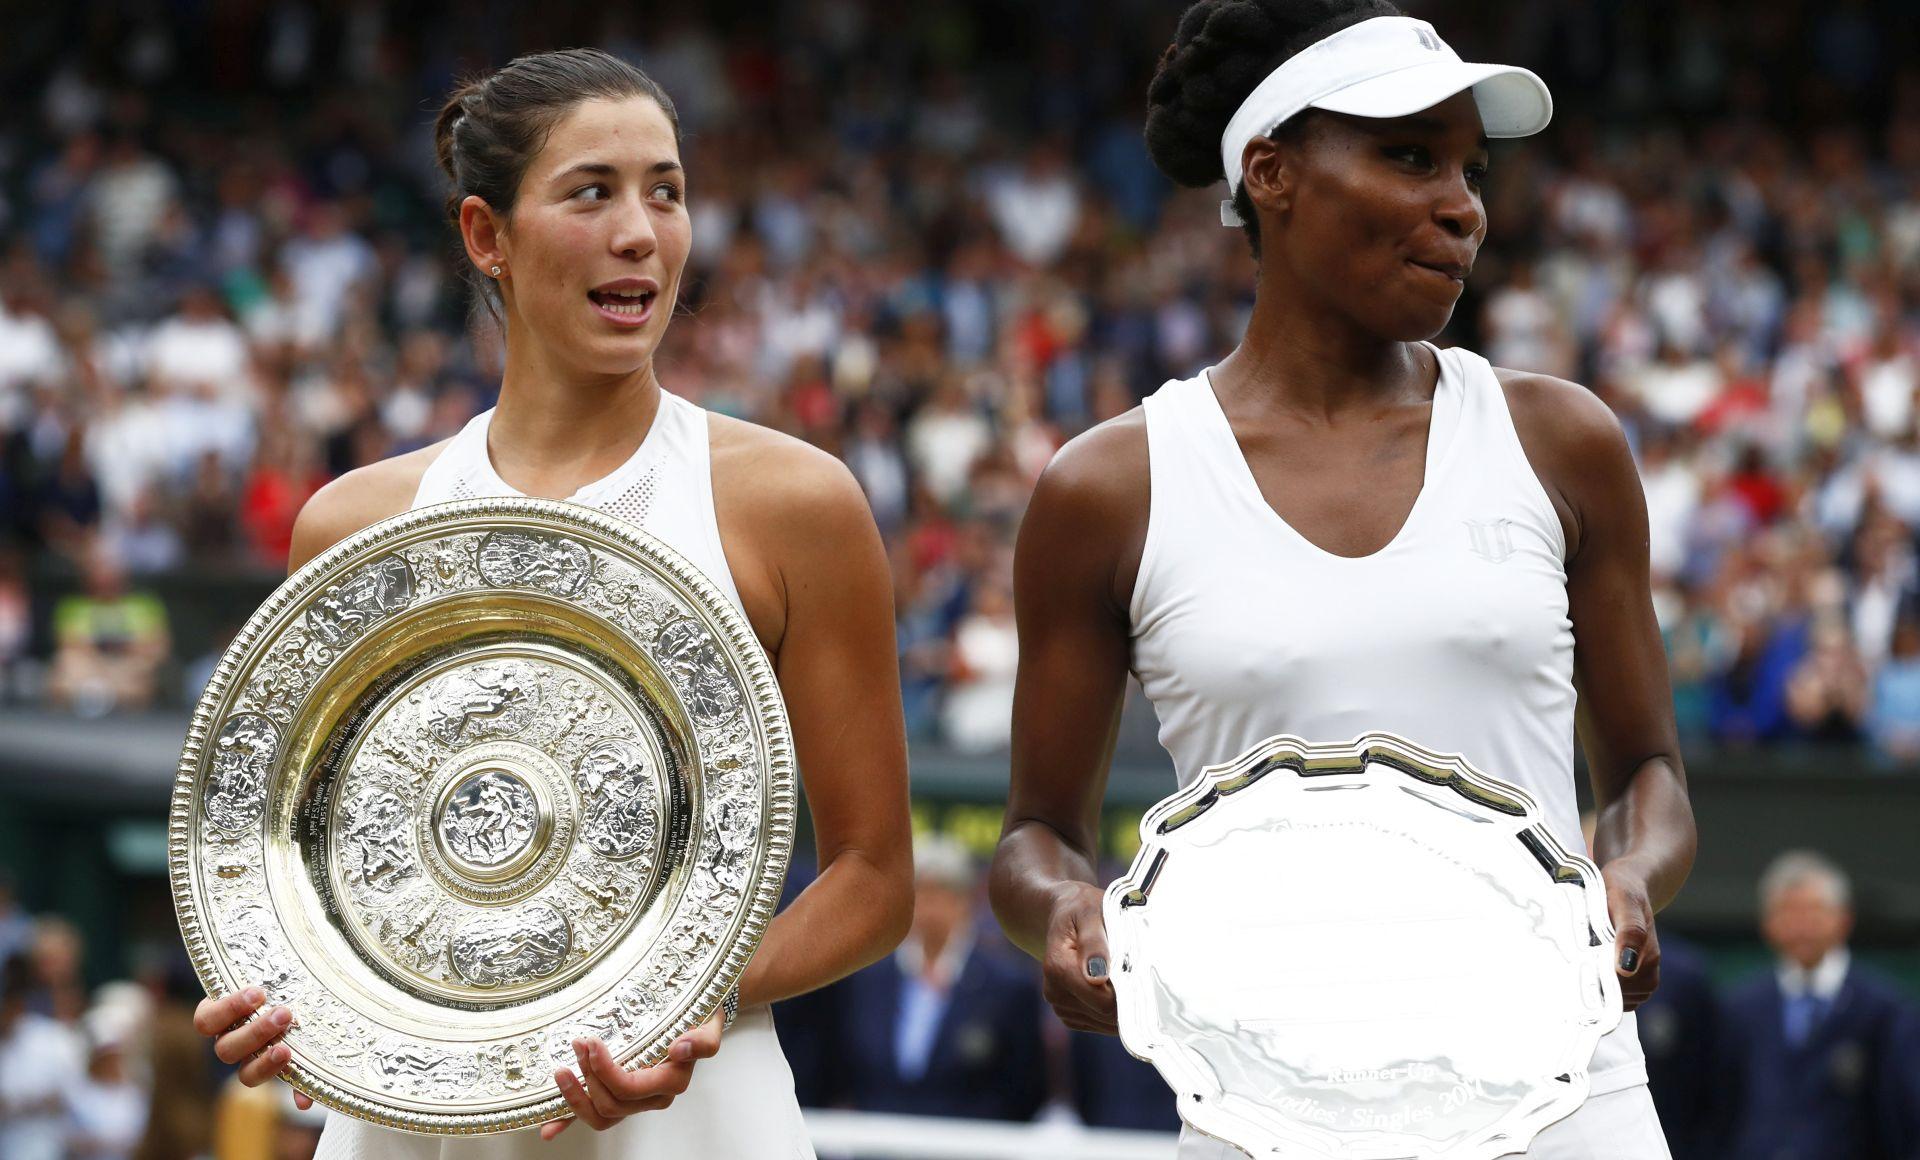 Muguruza osvojila Wimbledon